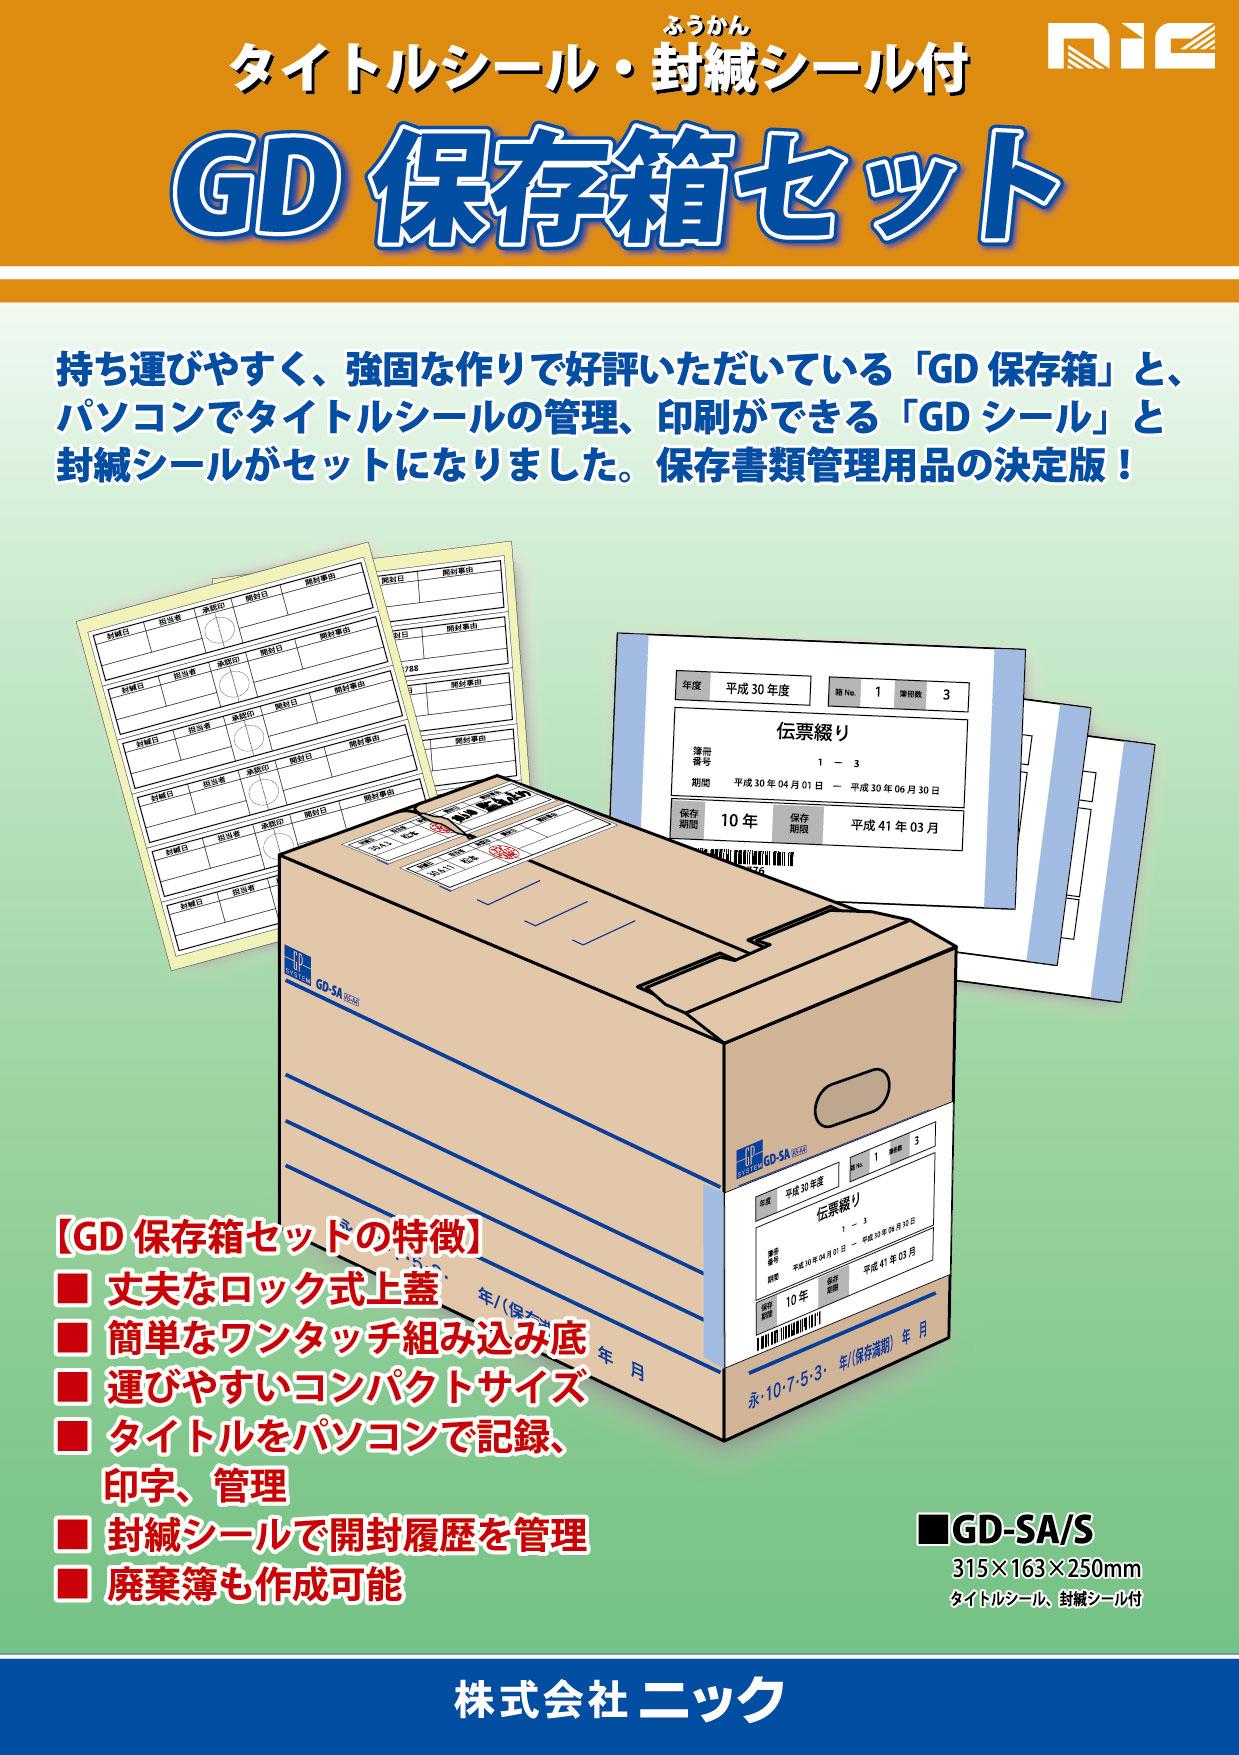 【金融機関の方へ】GD保存箱セット